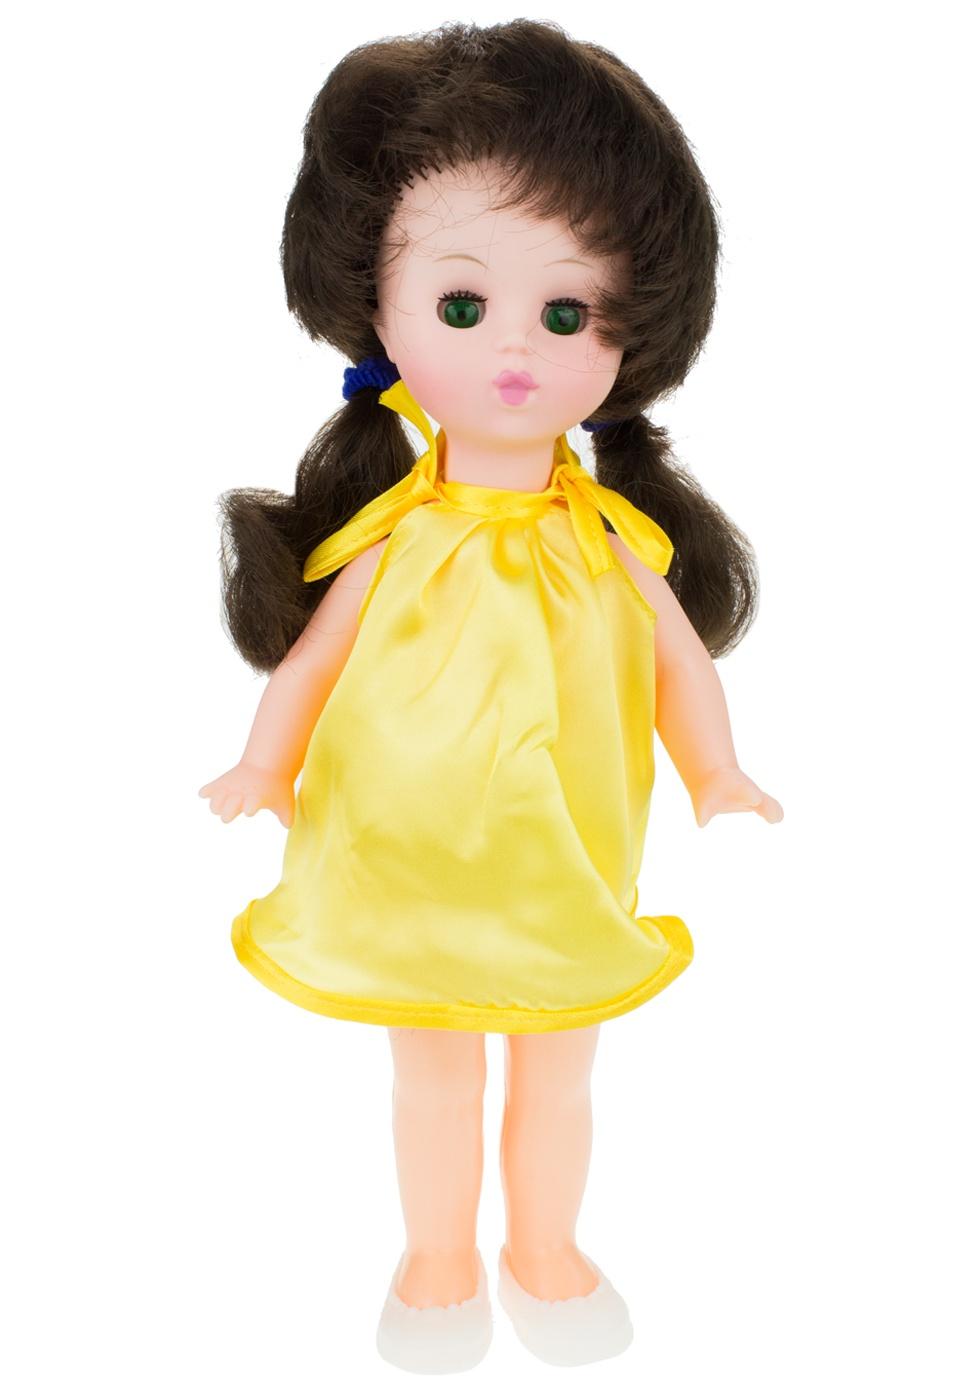 Кукла Мир кукол Мила М1 желтый куклы мир кукол кукла ася пак 35 см